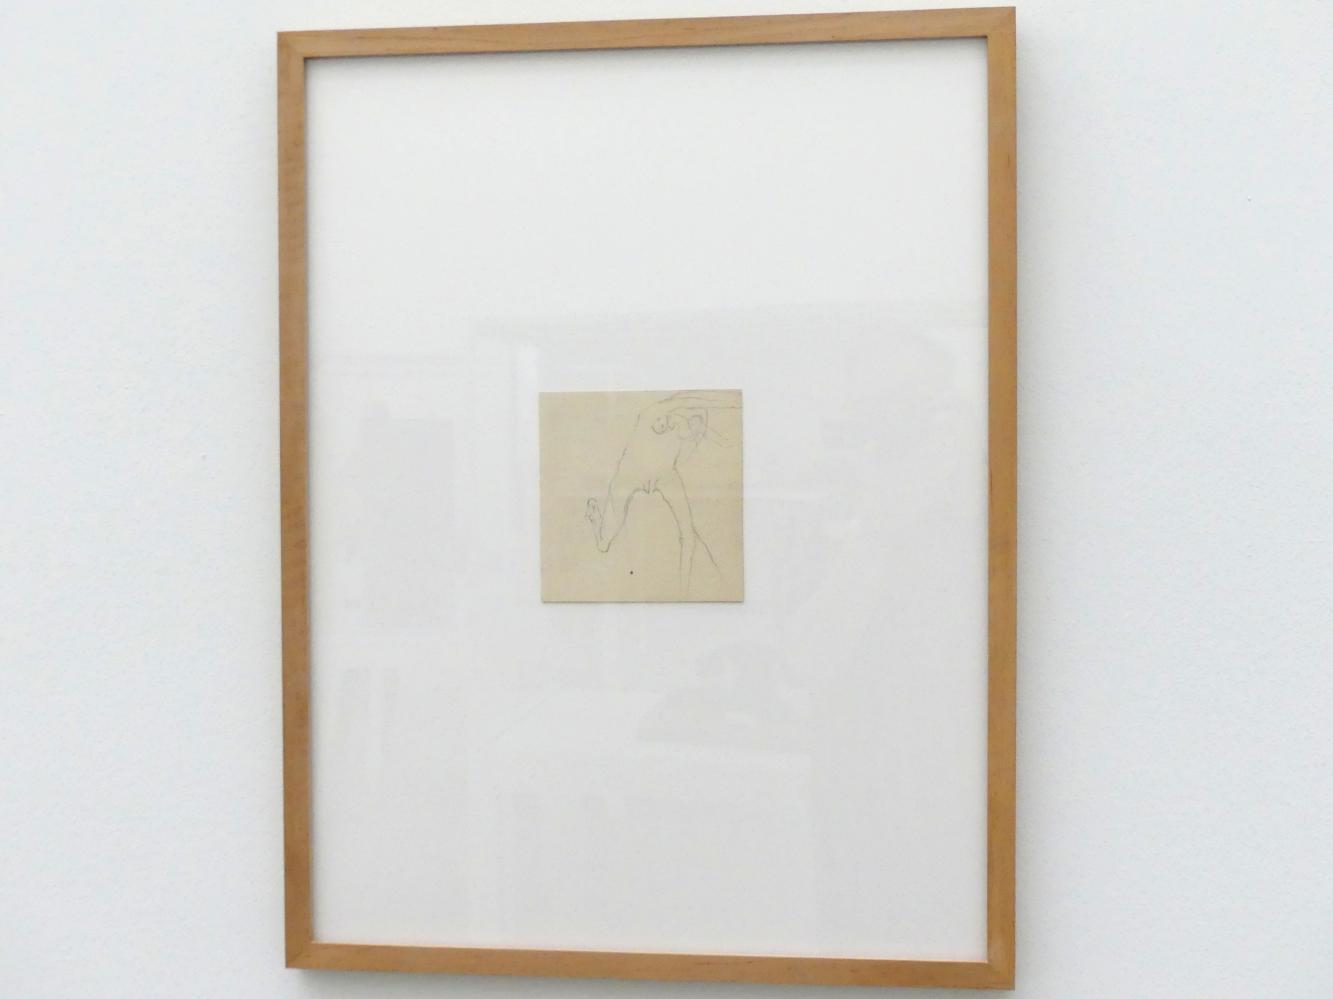 Joseph Beuys: Frau rennt mit ihrem Gehirn weg, 1957